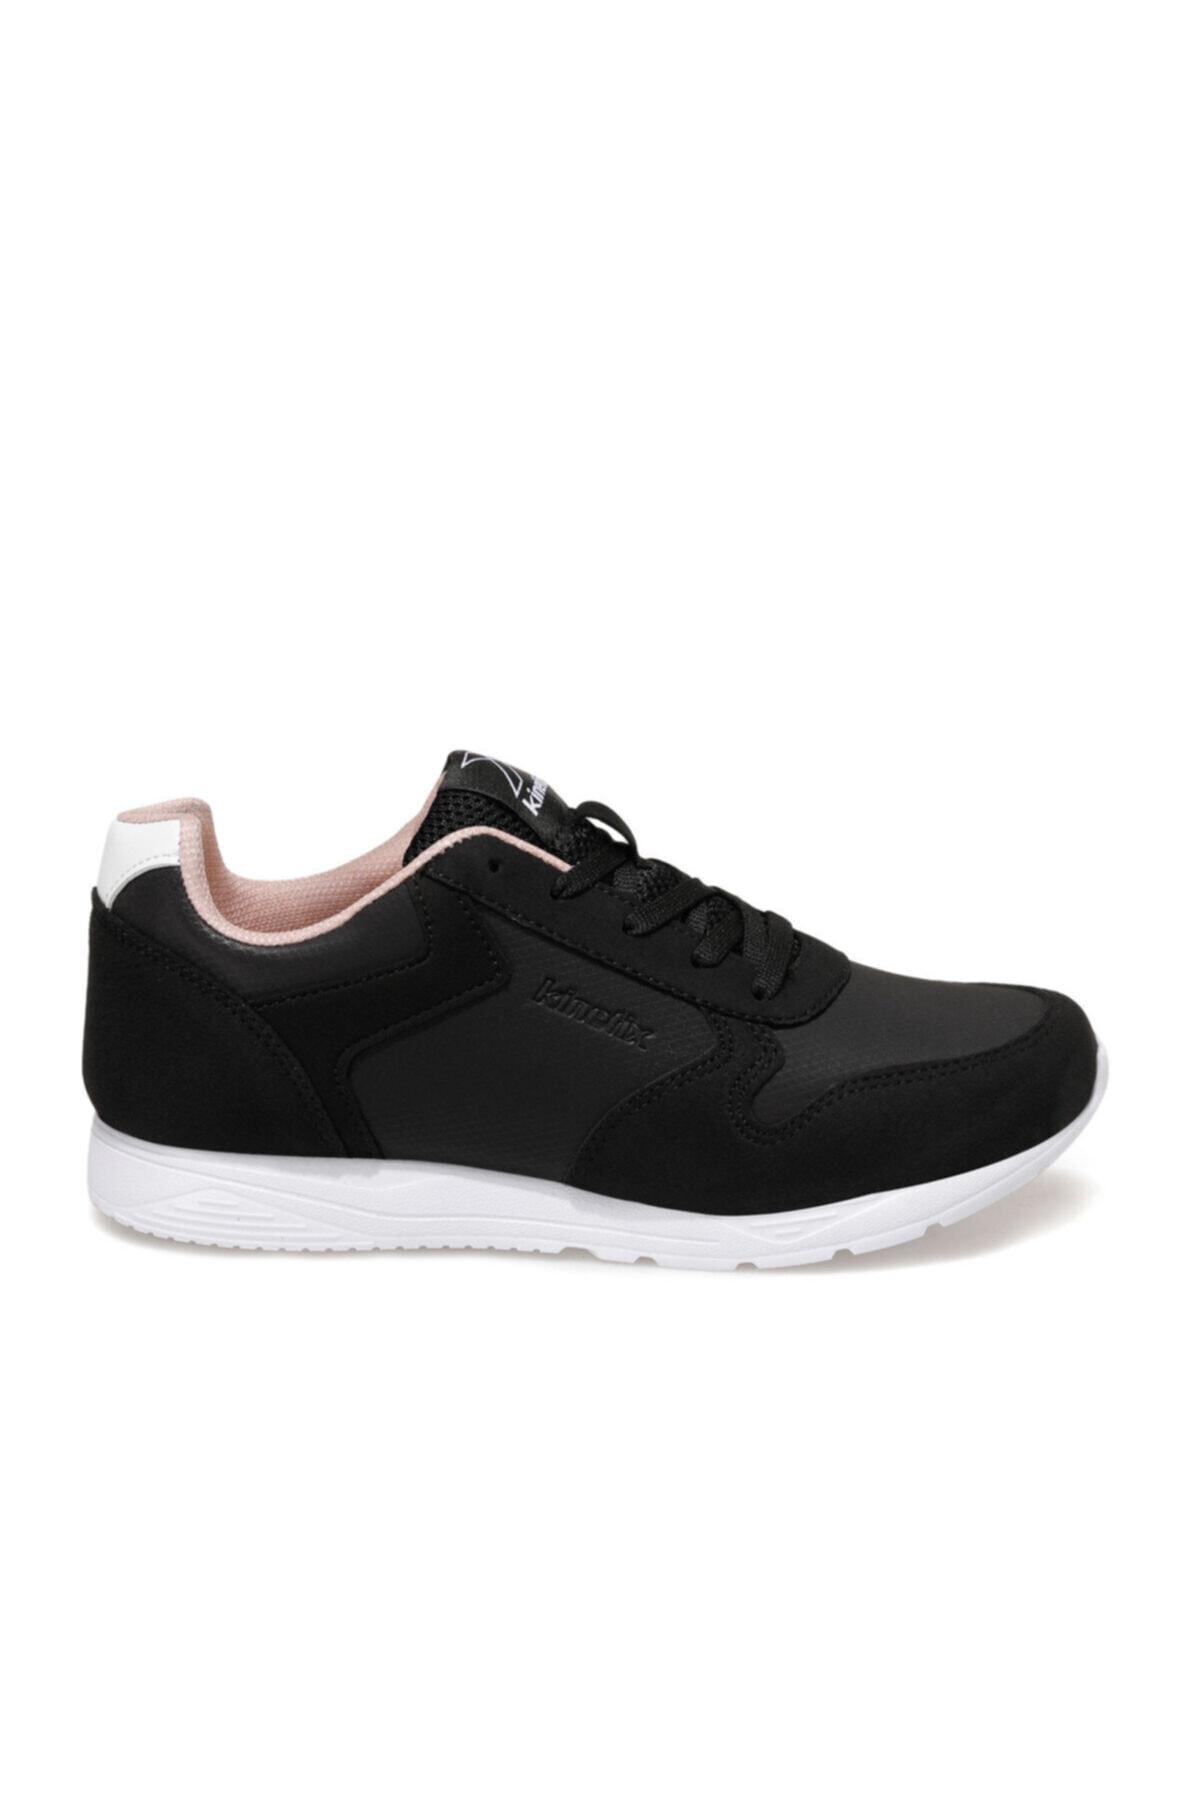 Kinetix Ment W Siyah Kadın Sneaker Ayakkabı 2